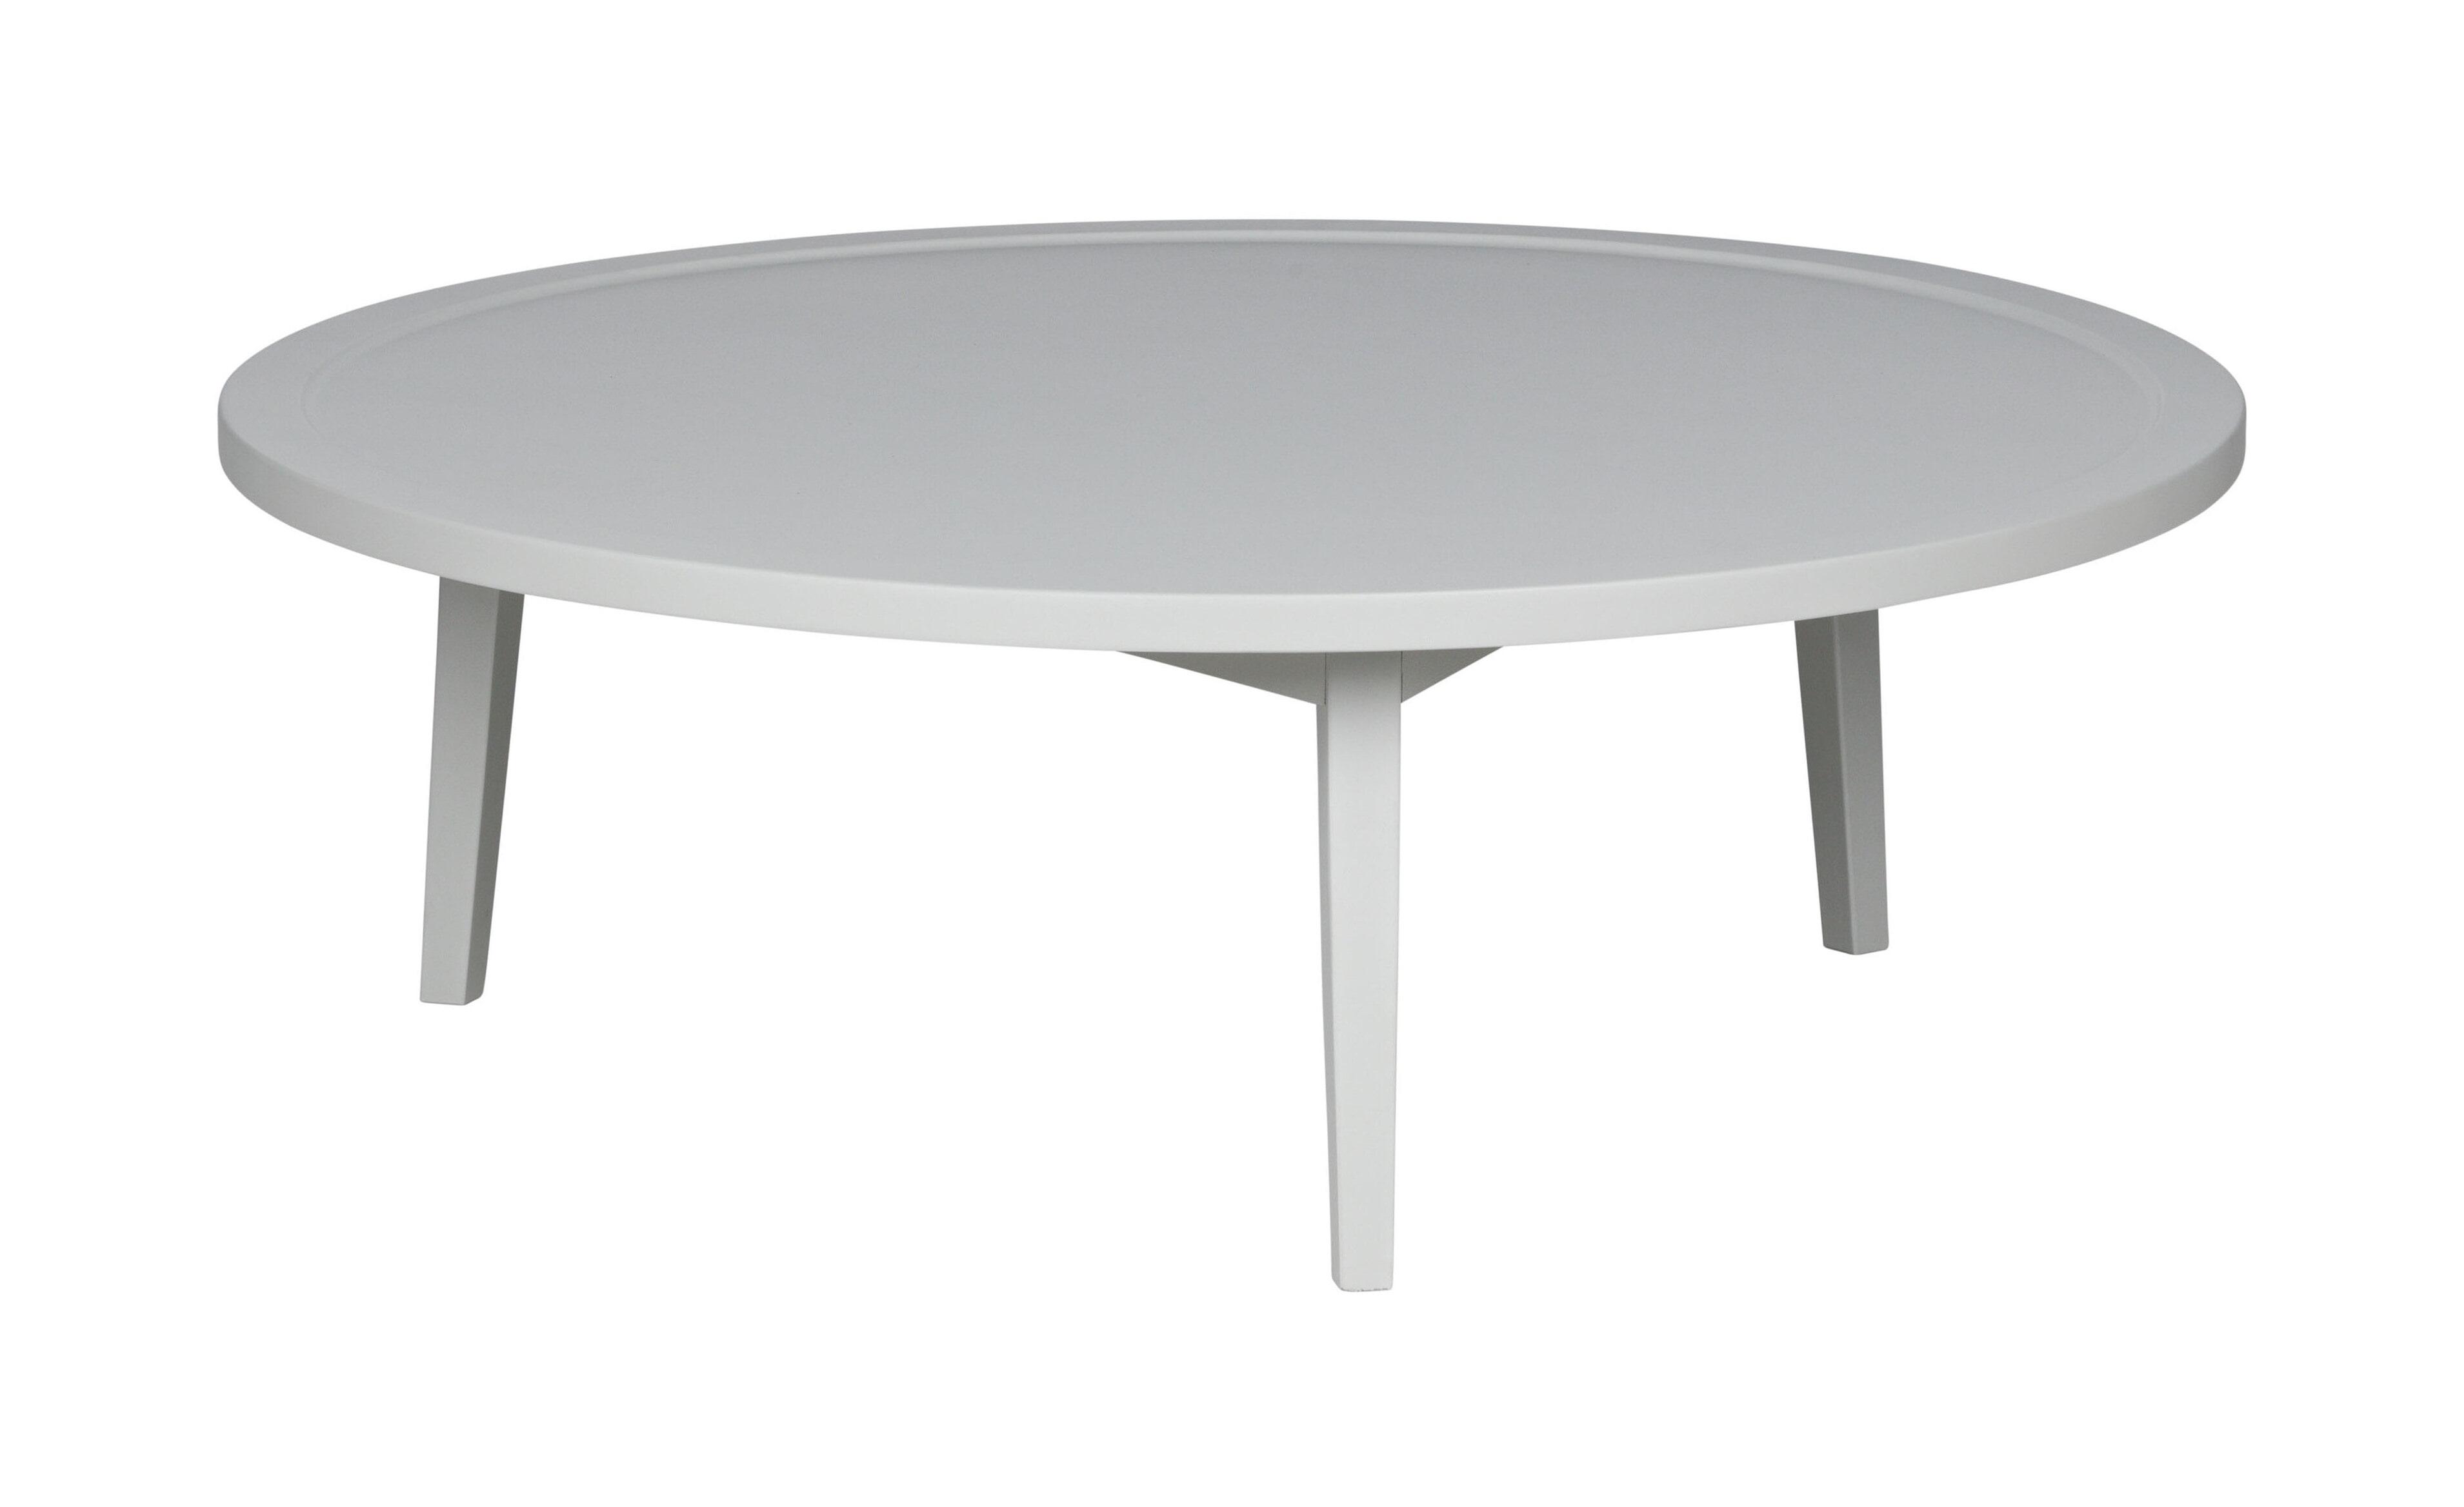 vtwonen Salontafel 'Sprokkeltafel' 100 x 100cm, kleur Betongrijs